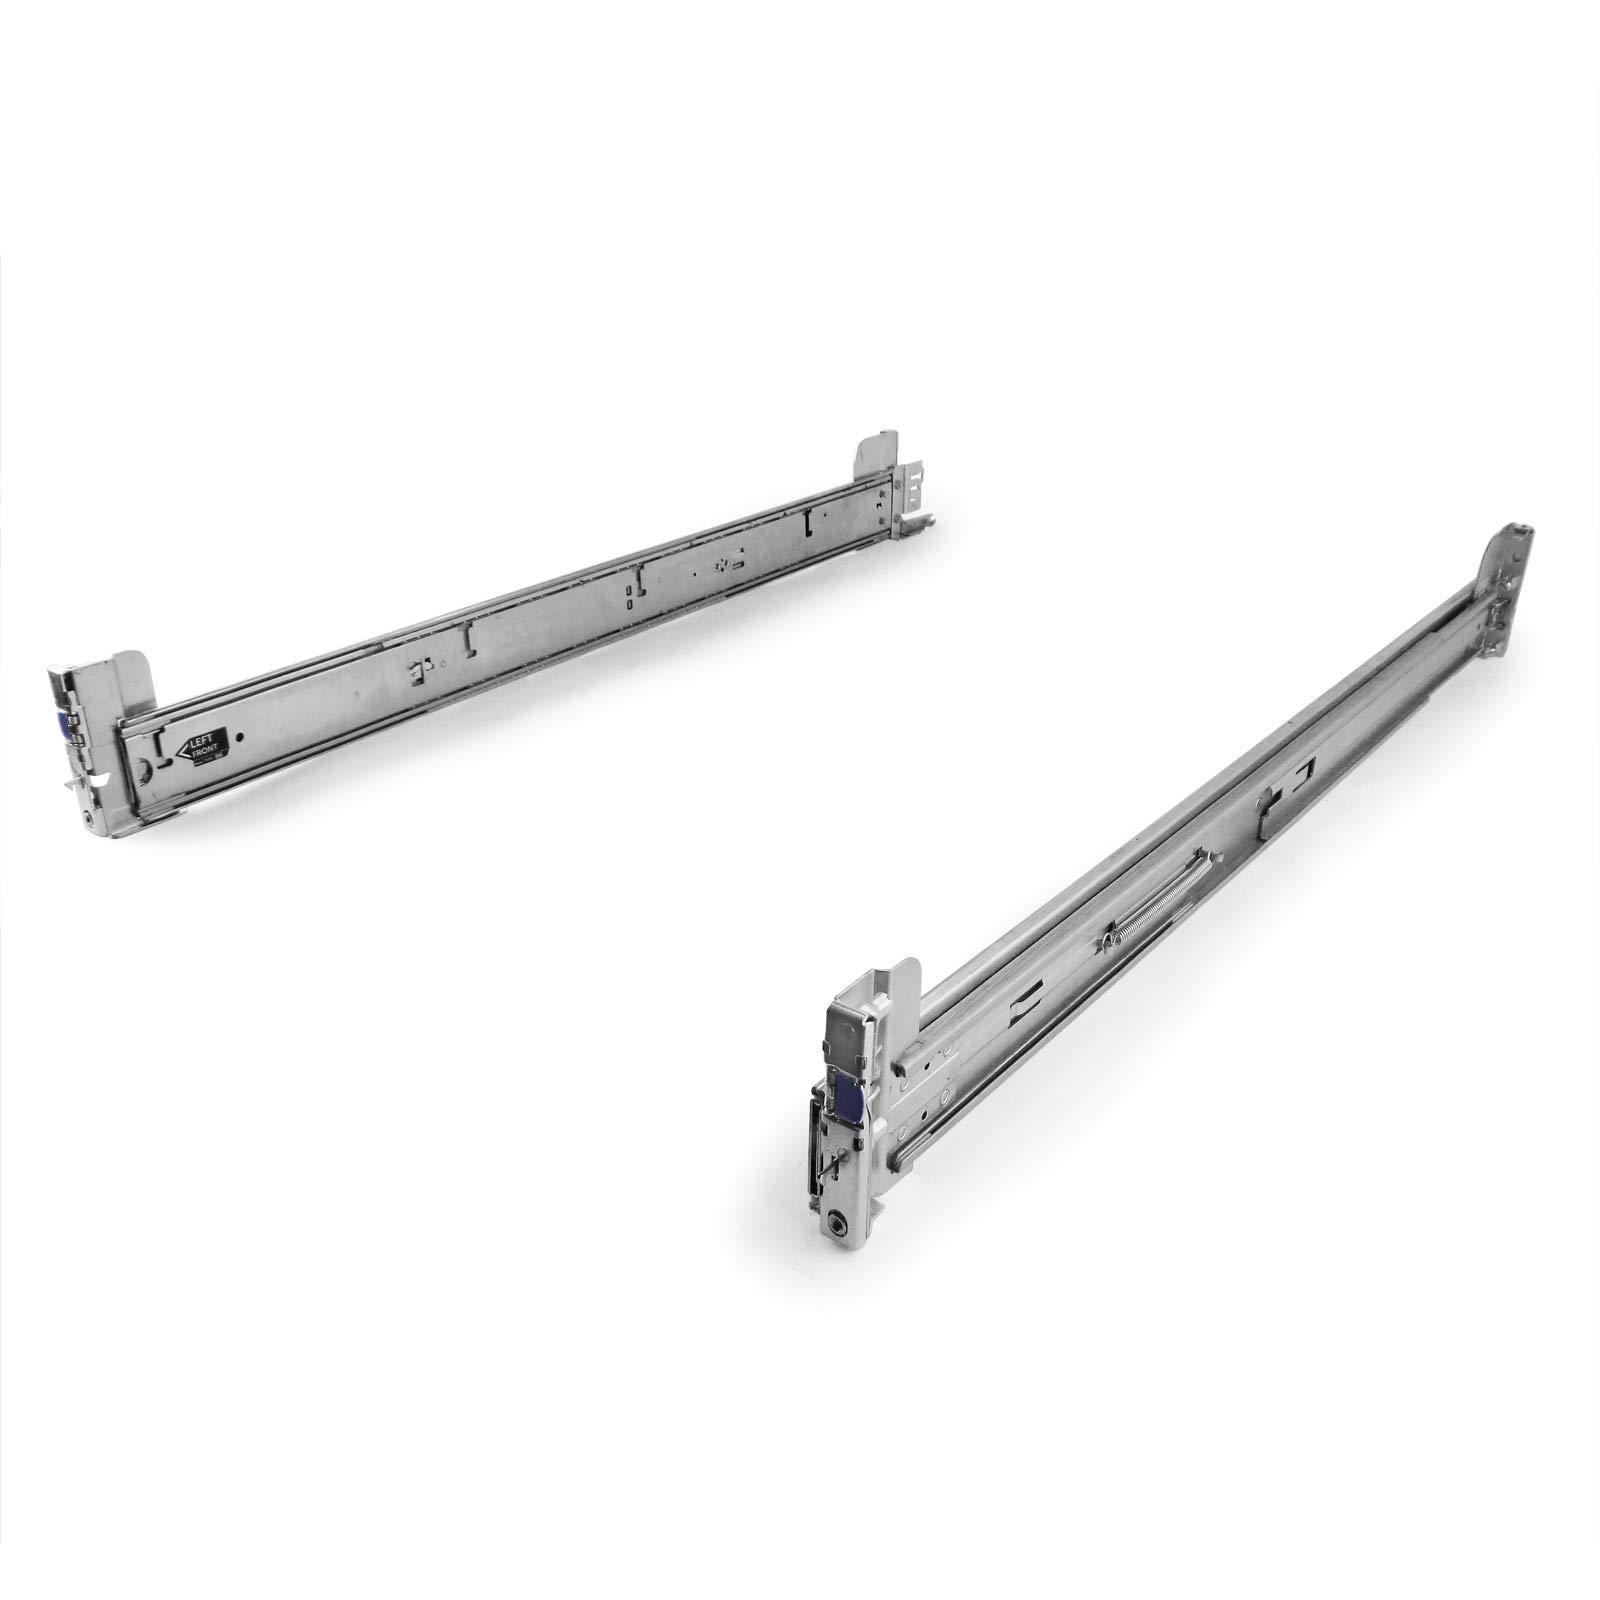 Sliding Rail Kit for Dell PowerEdge R720 Server